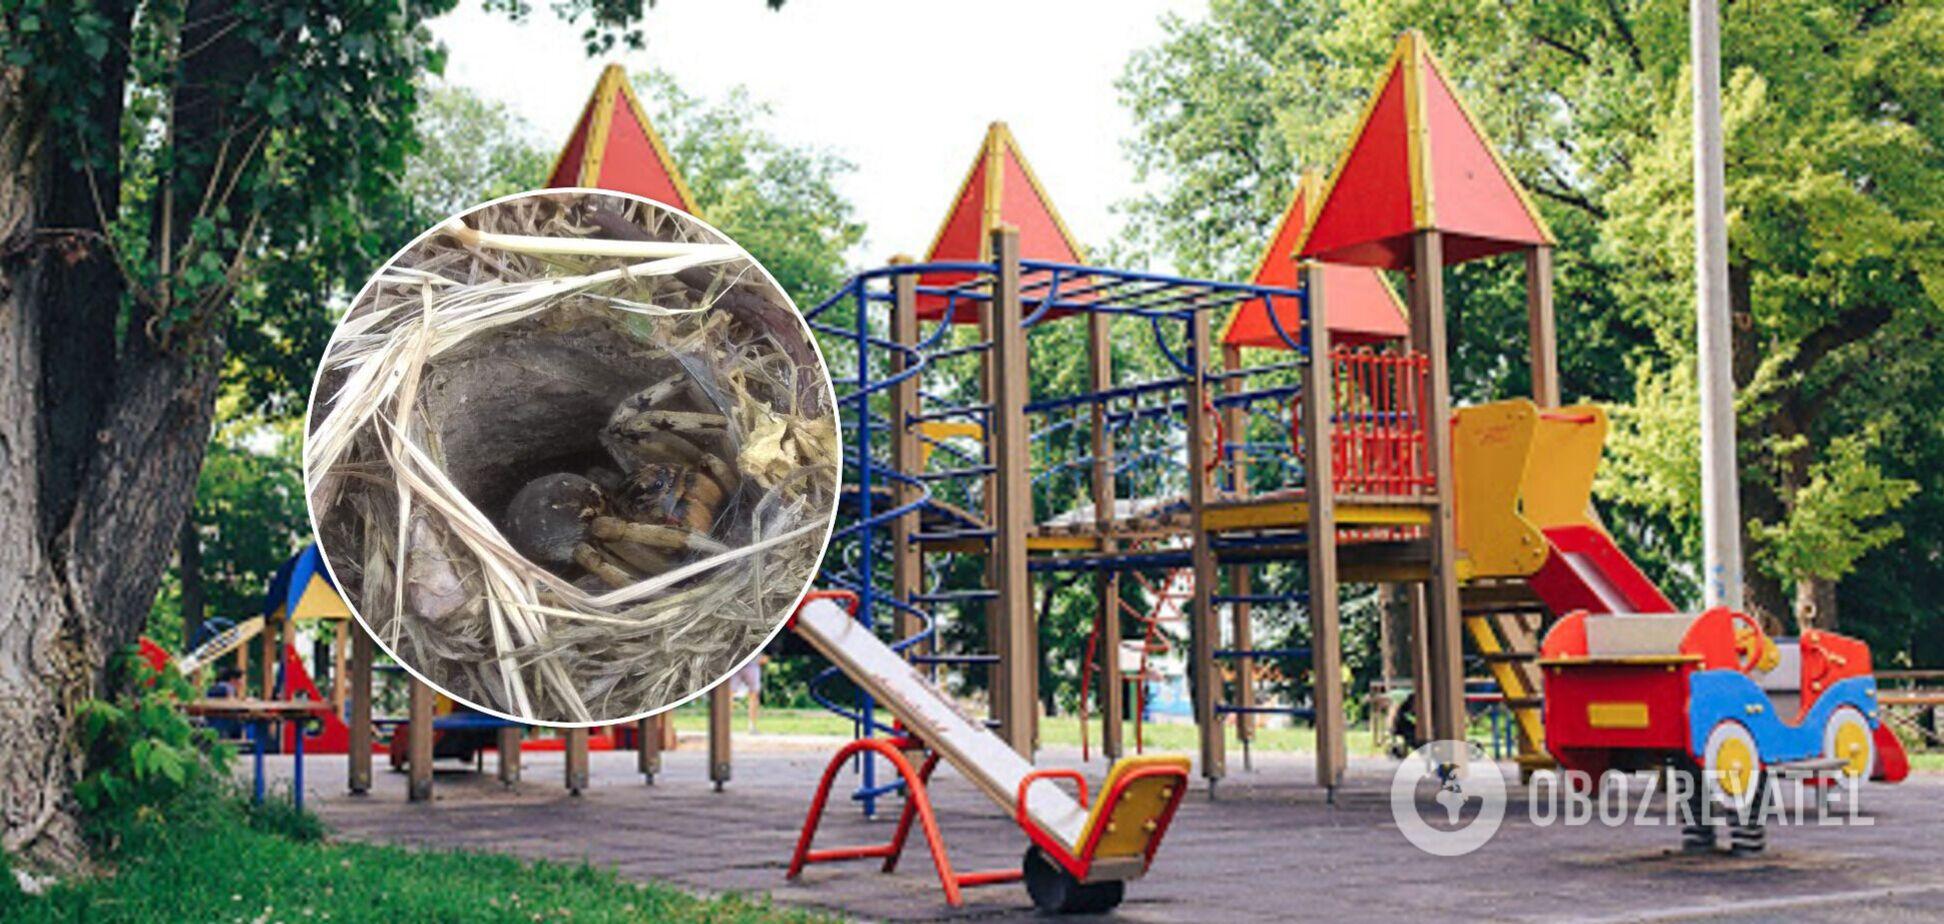 Паук на детской площадке